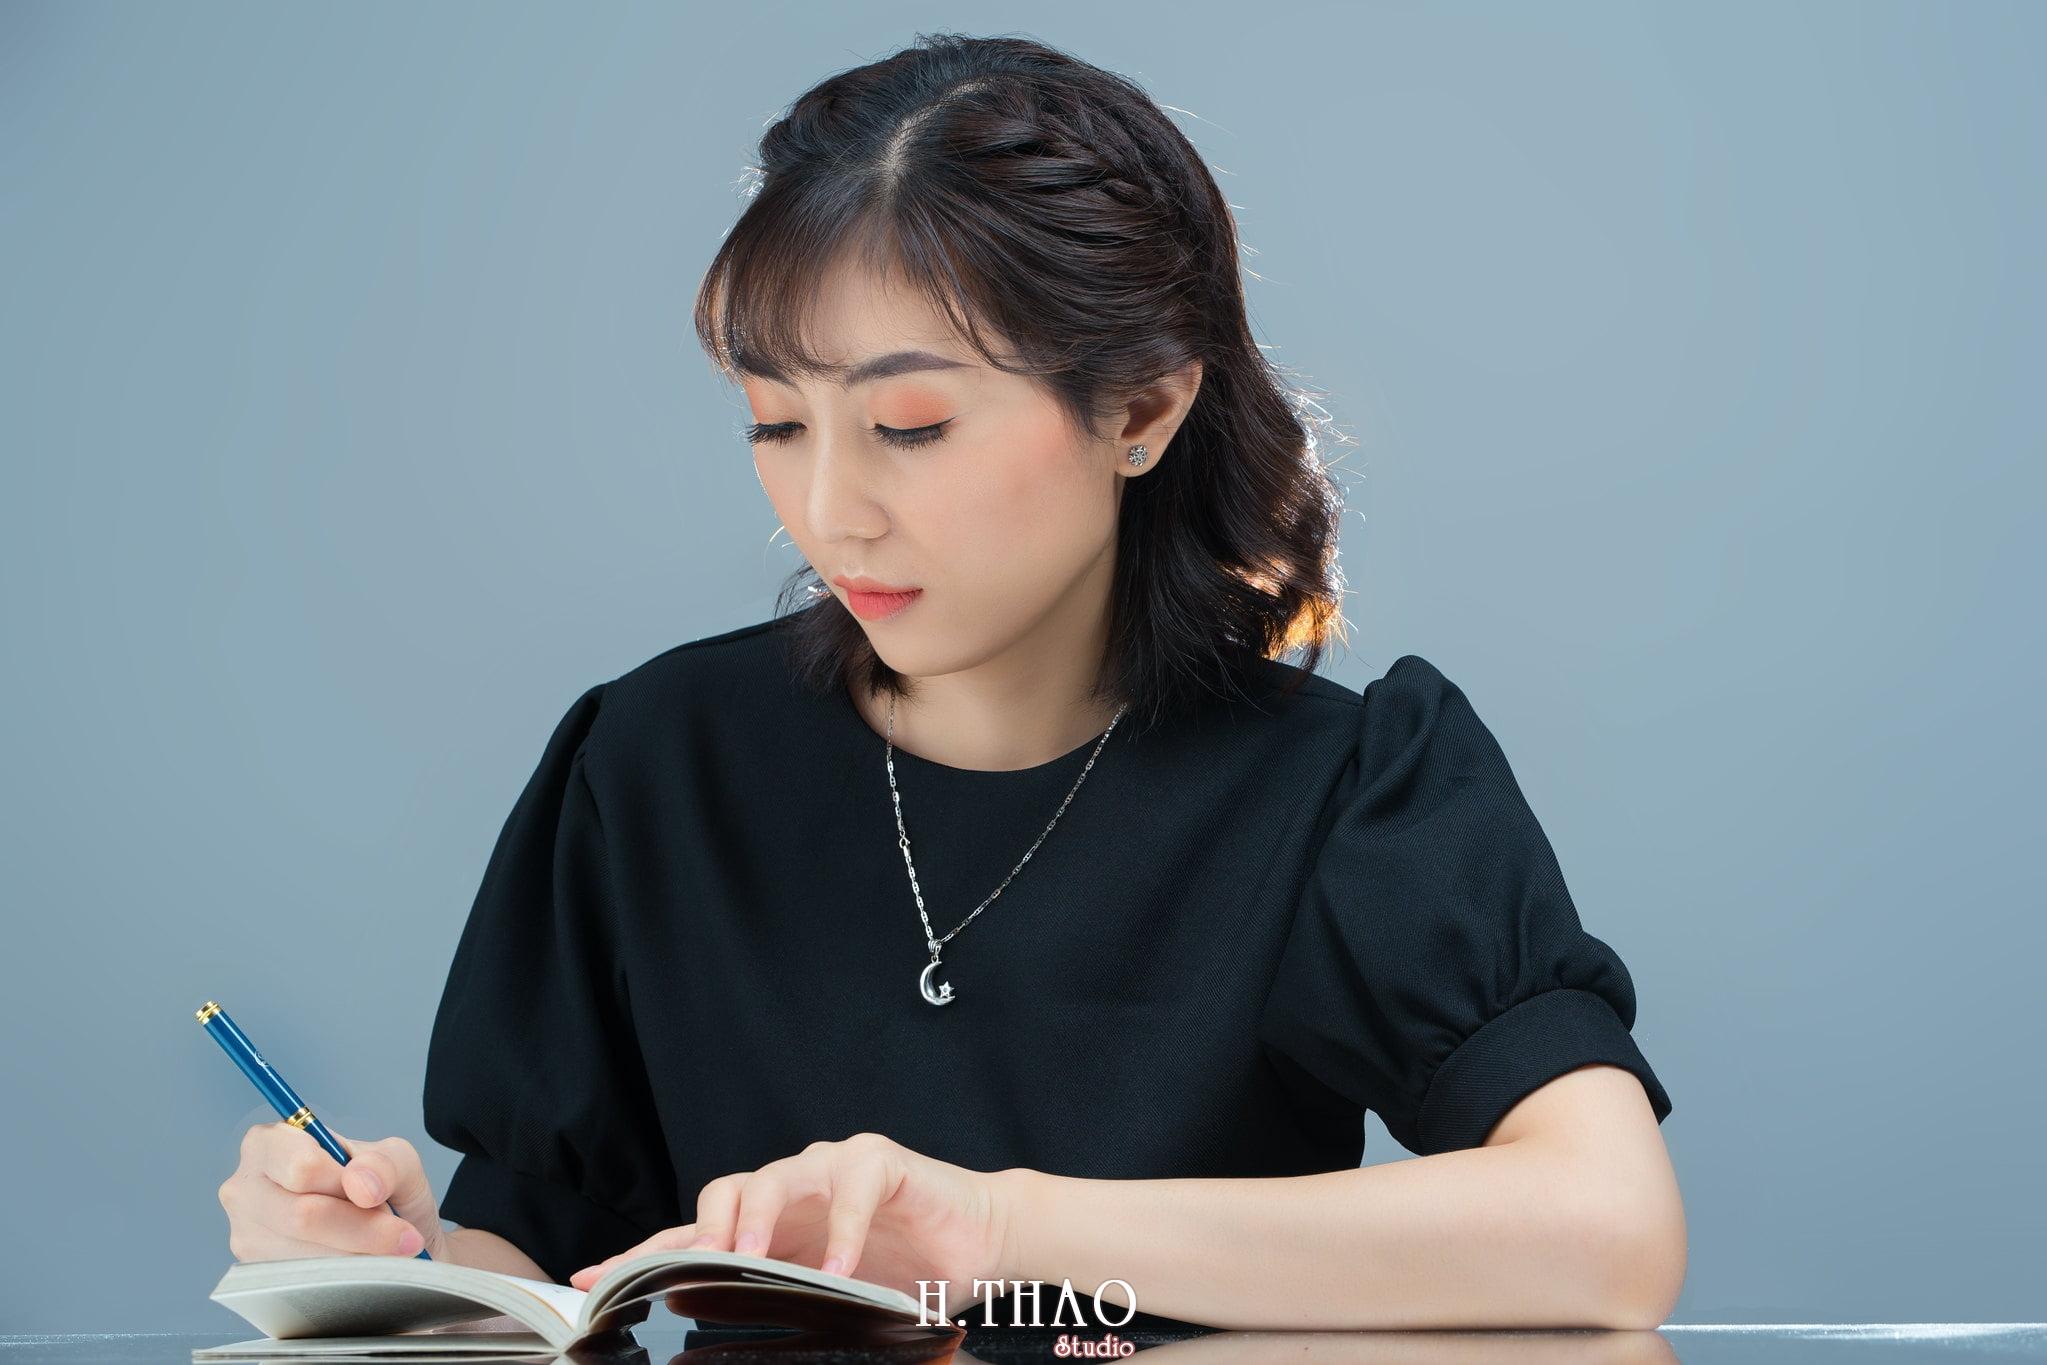 Minh Thuy 4 - Album ảnh profile cá nhân nữ Minh Thùy - HThao Studio